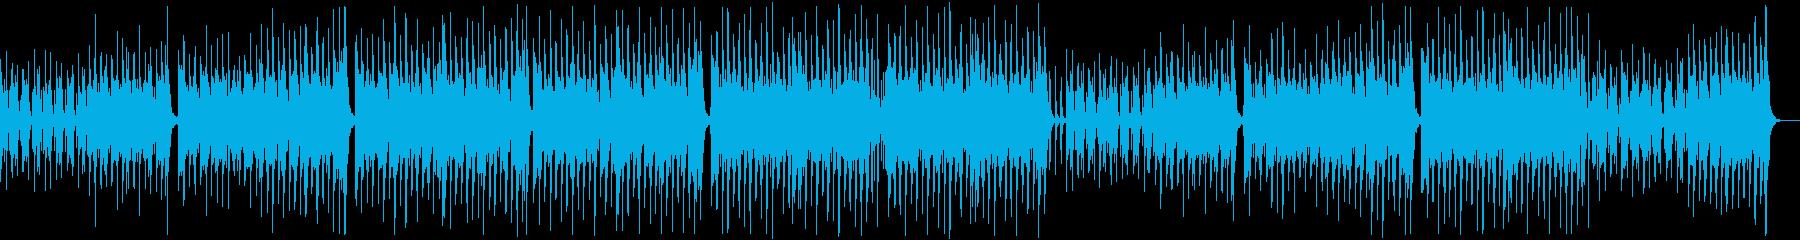 のんびり楽しいレゲエポップ:無メロディ弦の再生済みの波形